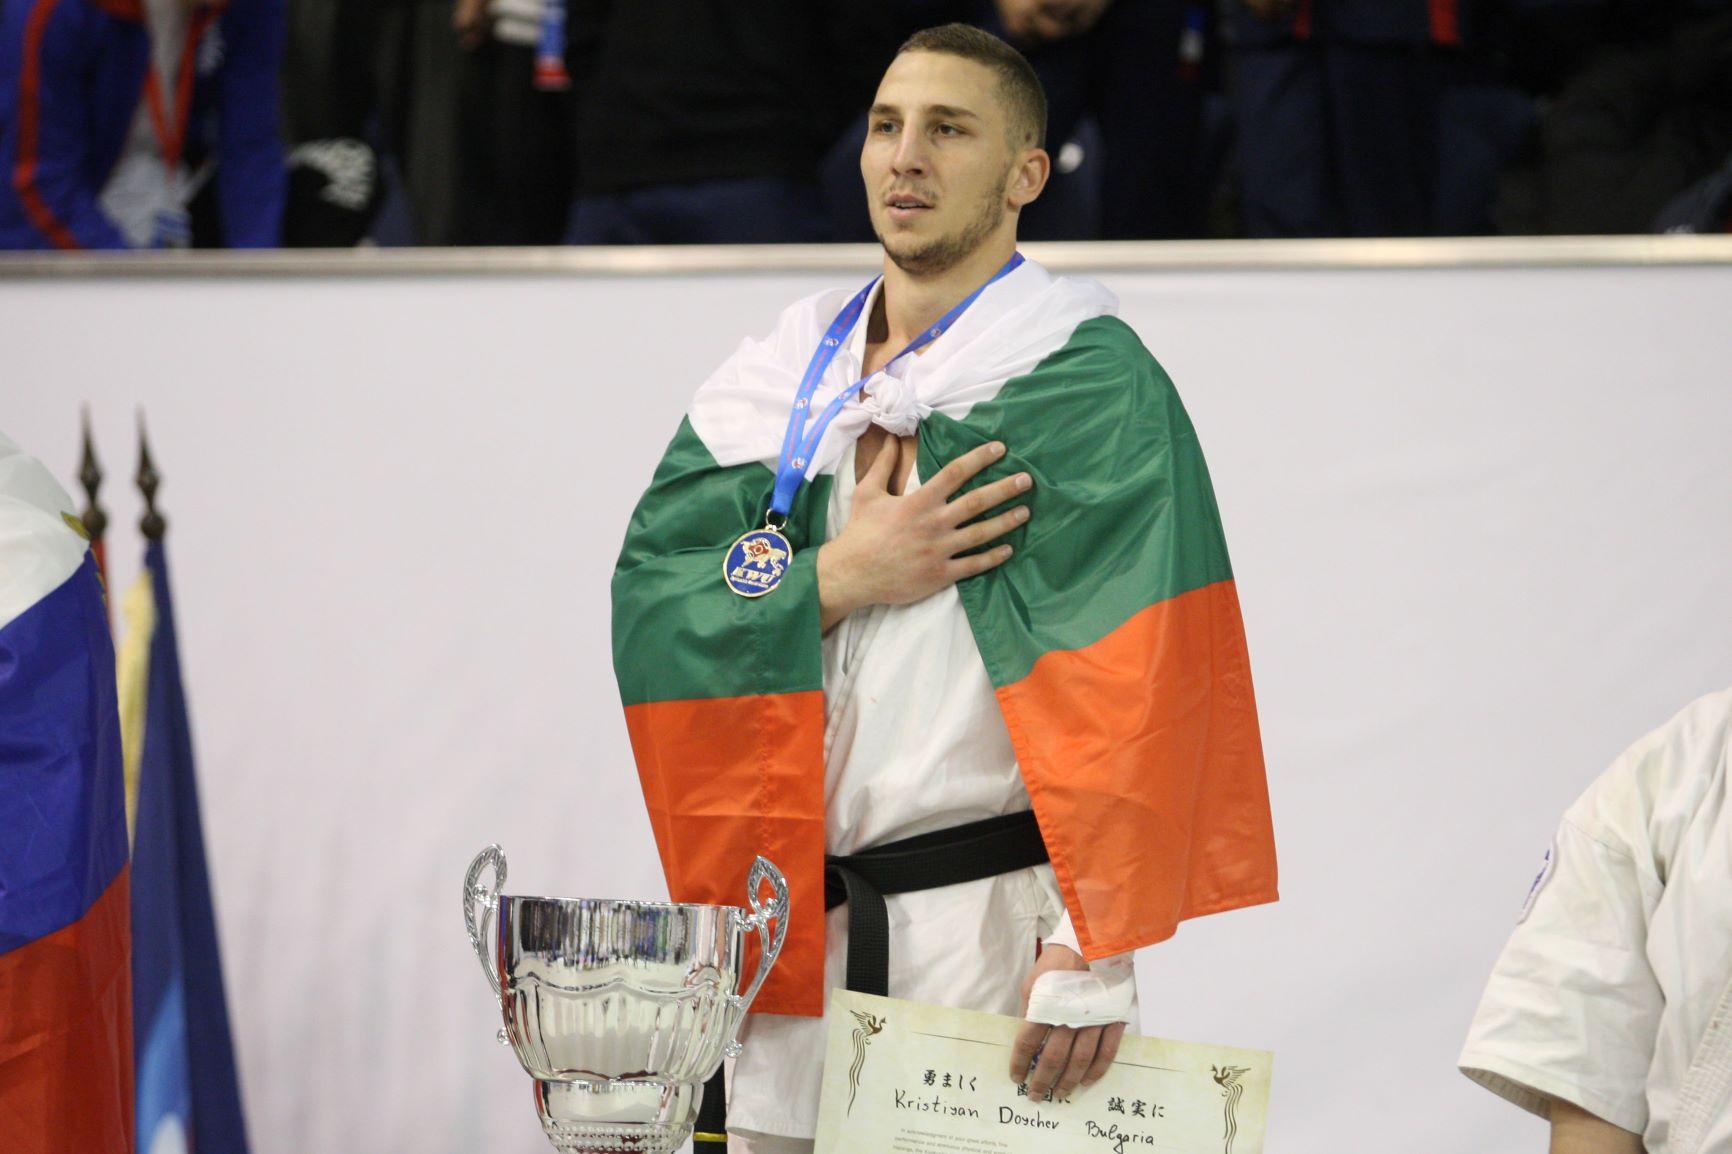 KristiyanDoychev (2)